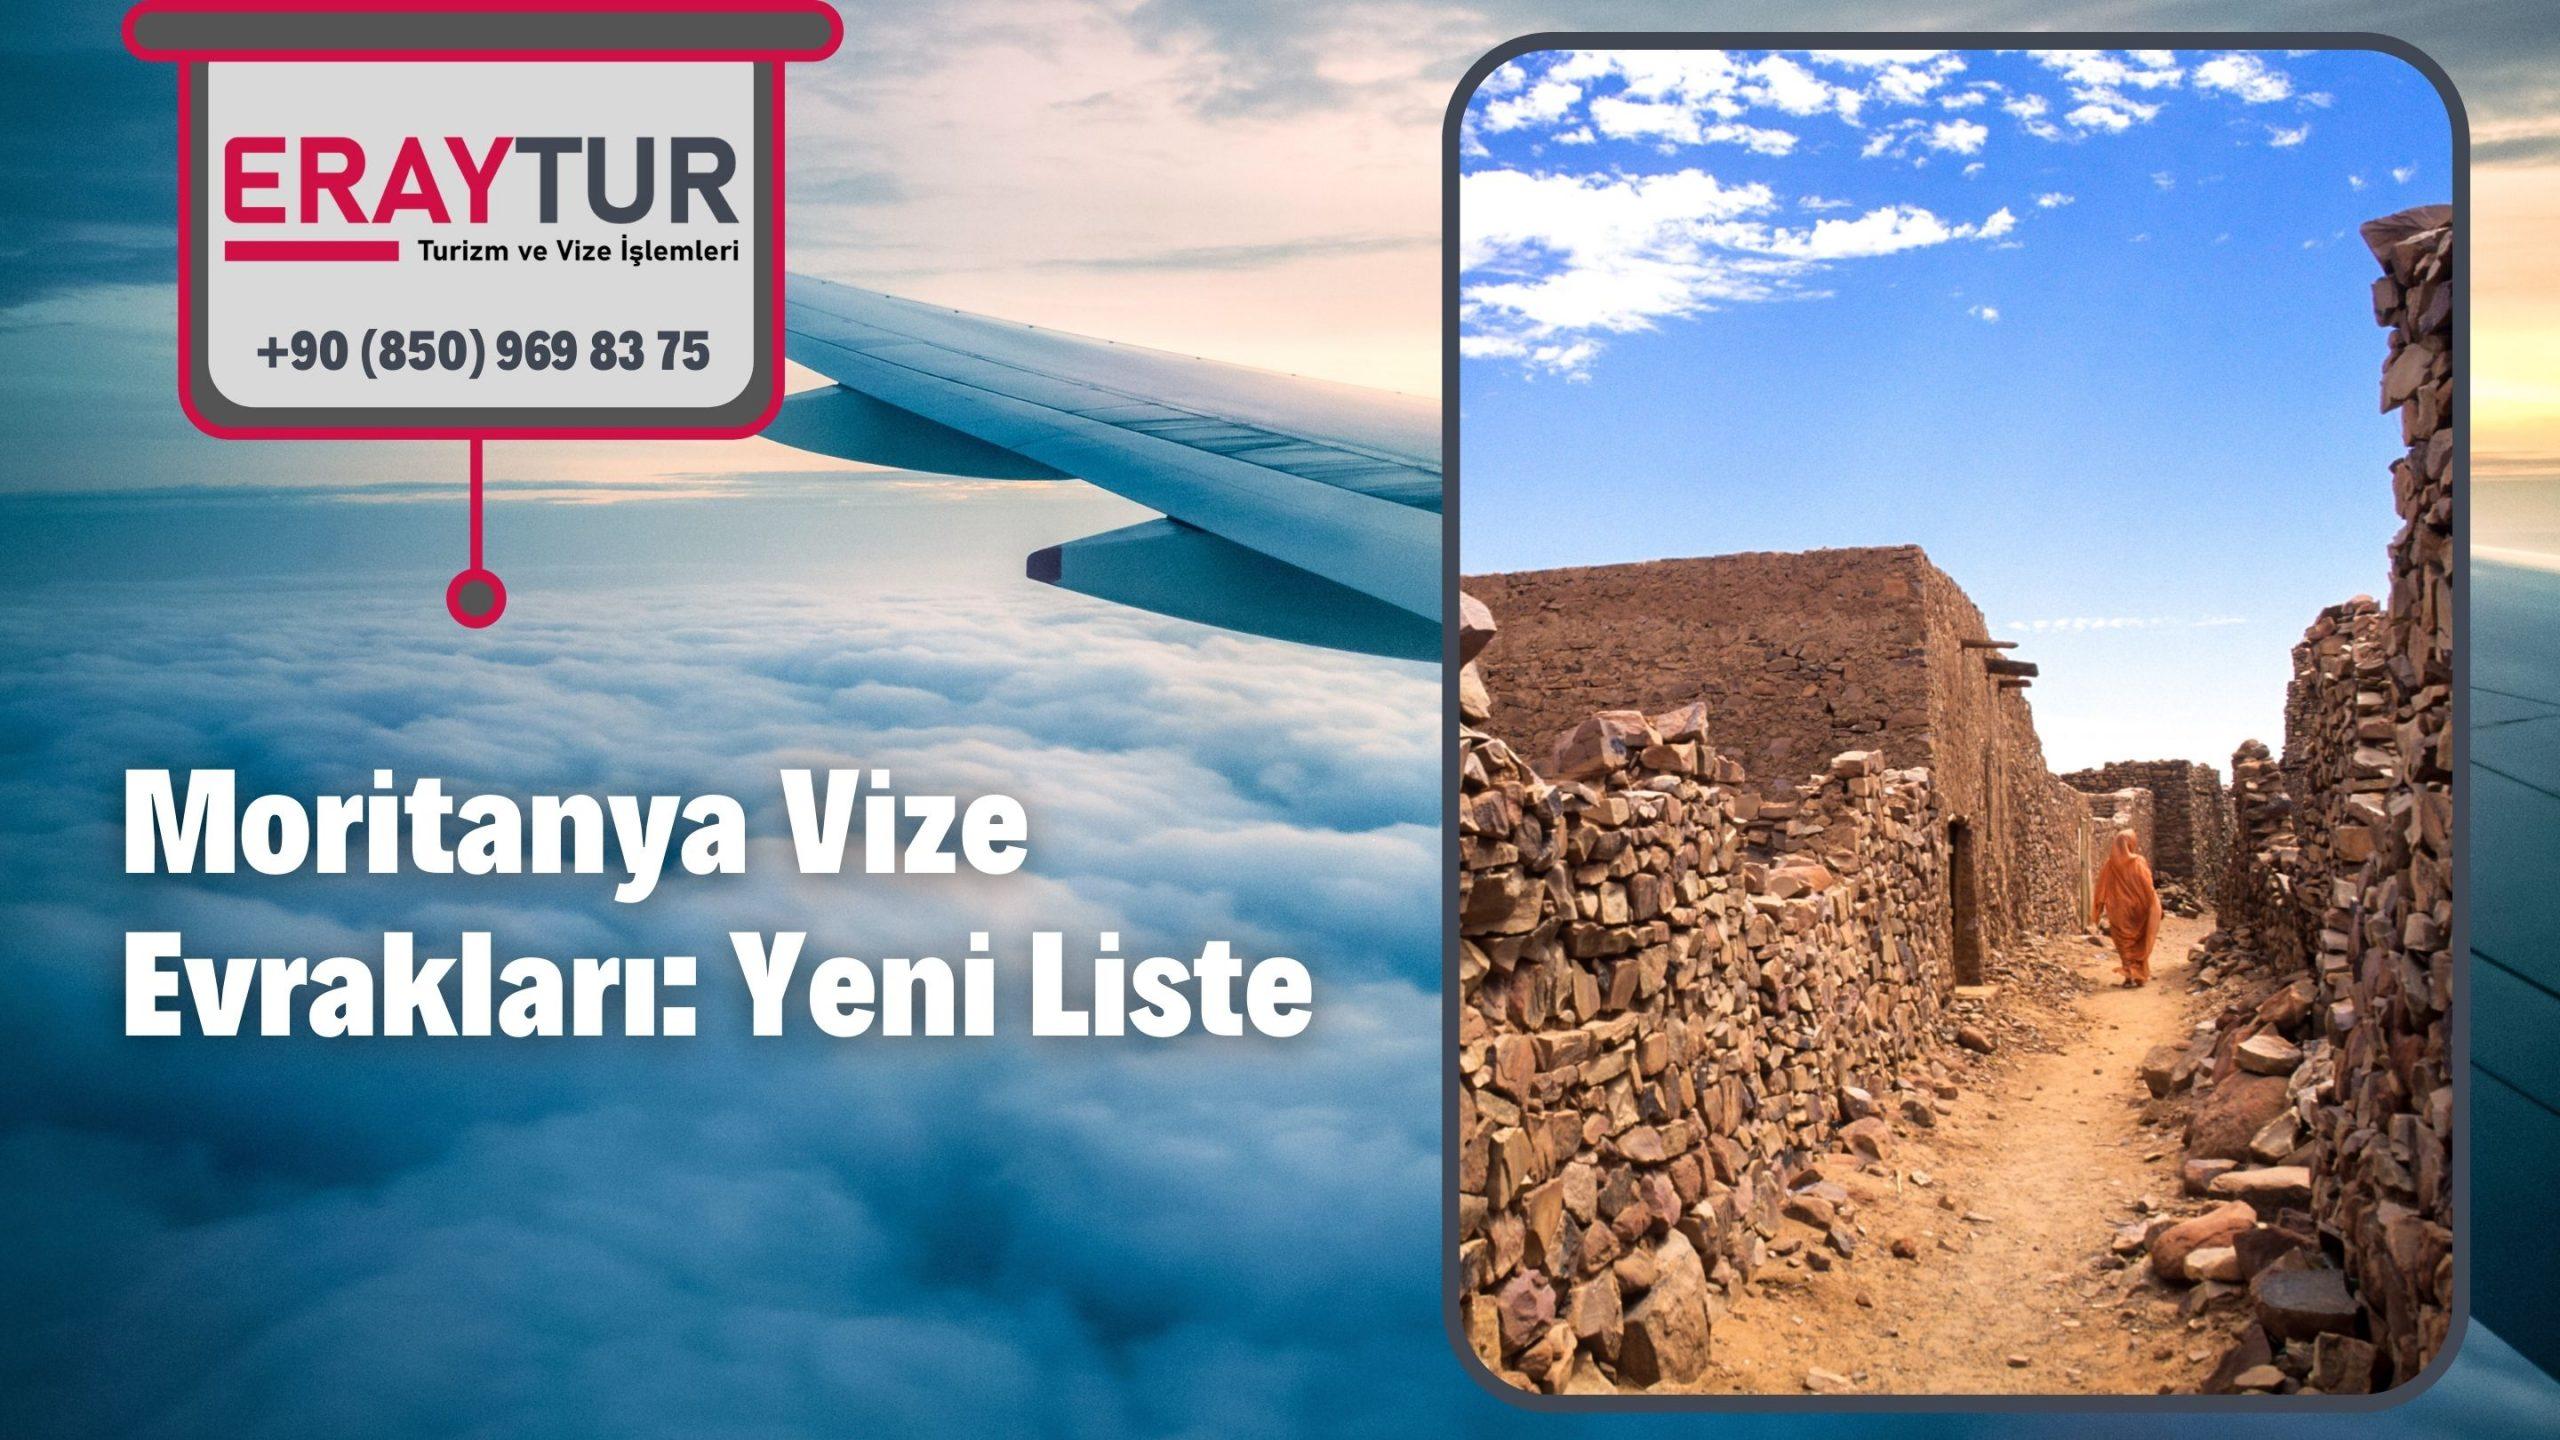 Moritanya Vize Evrakları: Yeni Liste [2021]